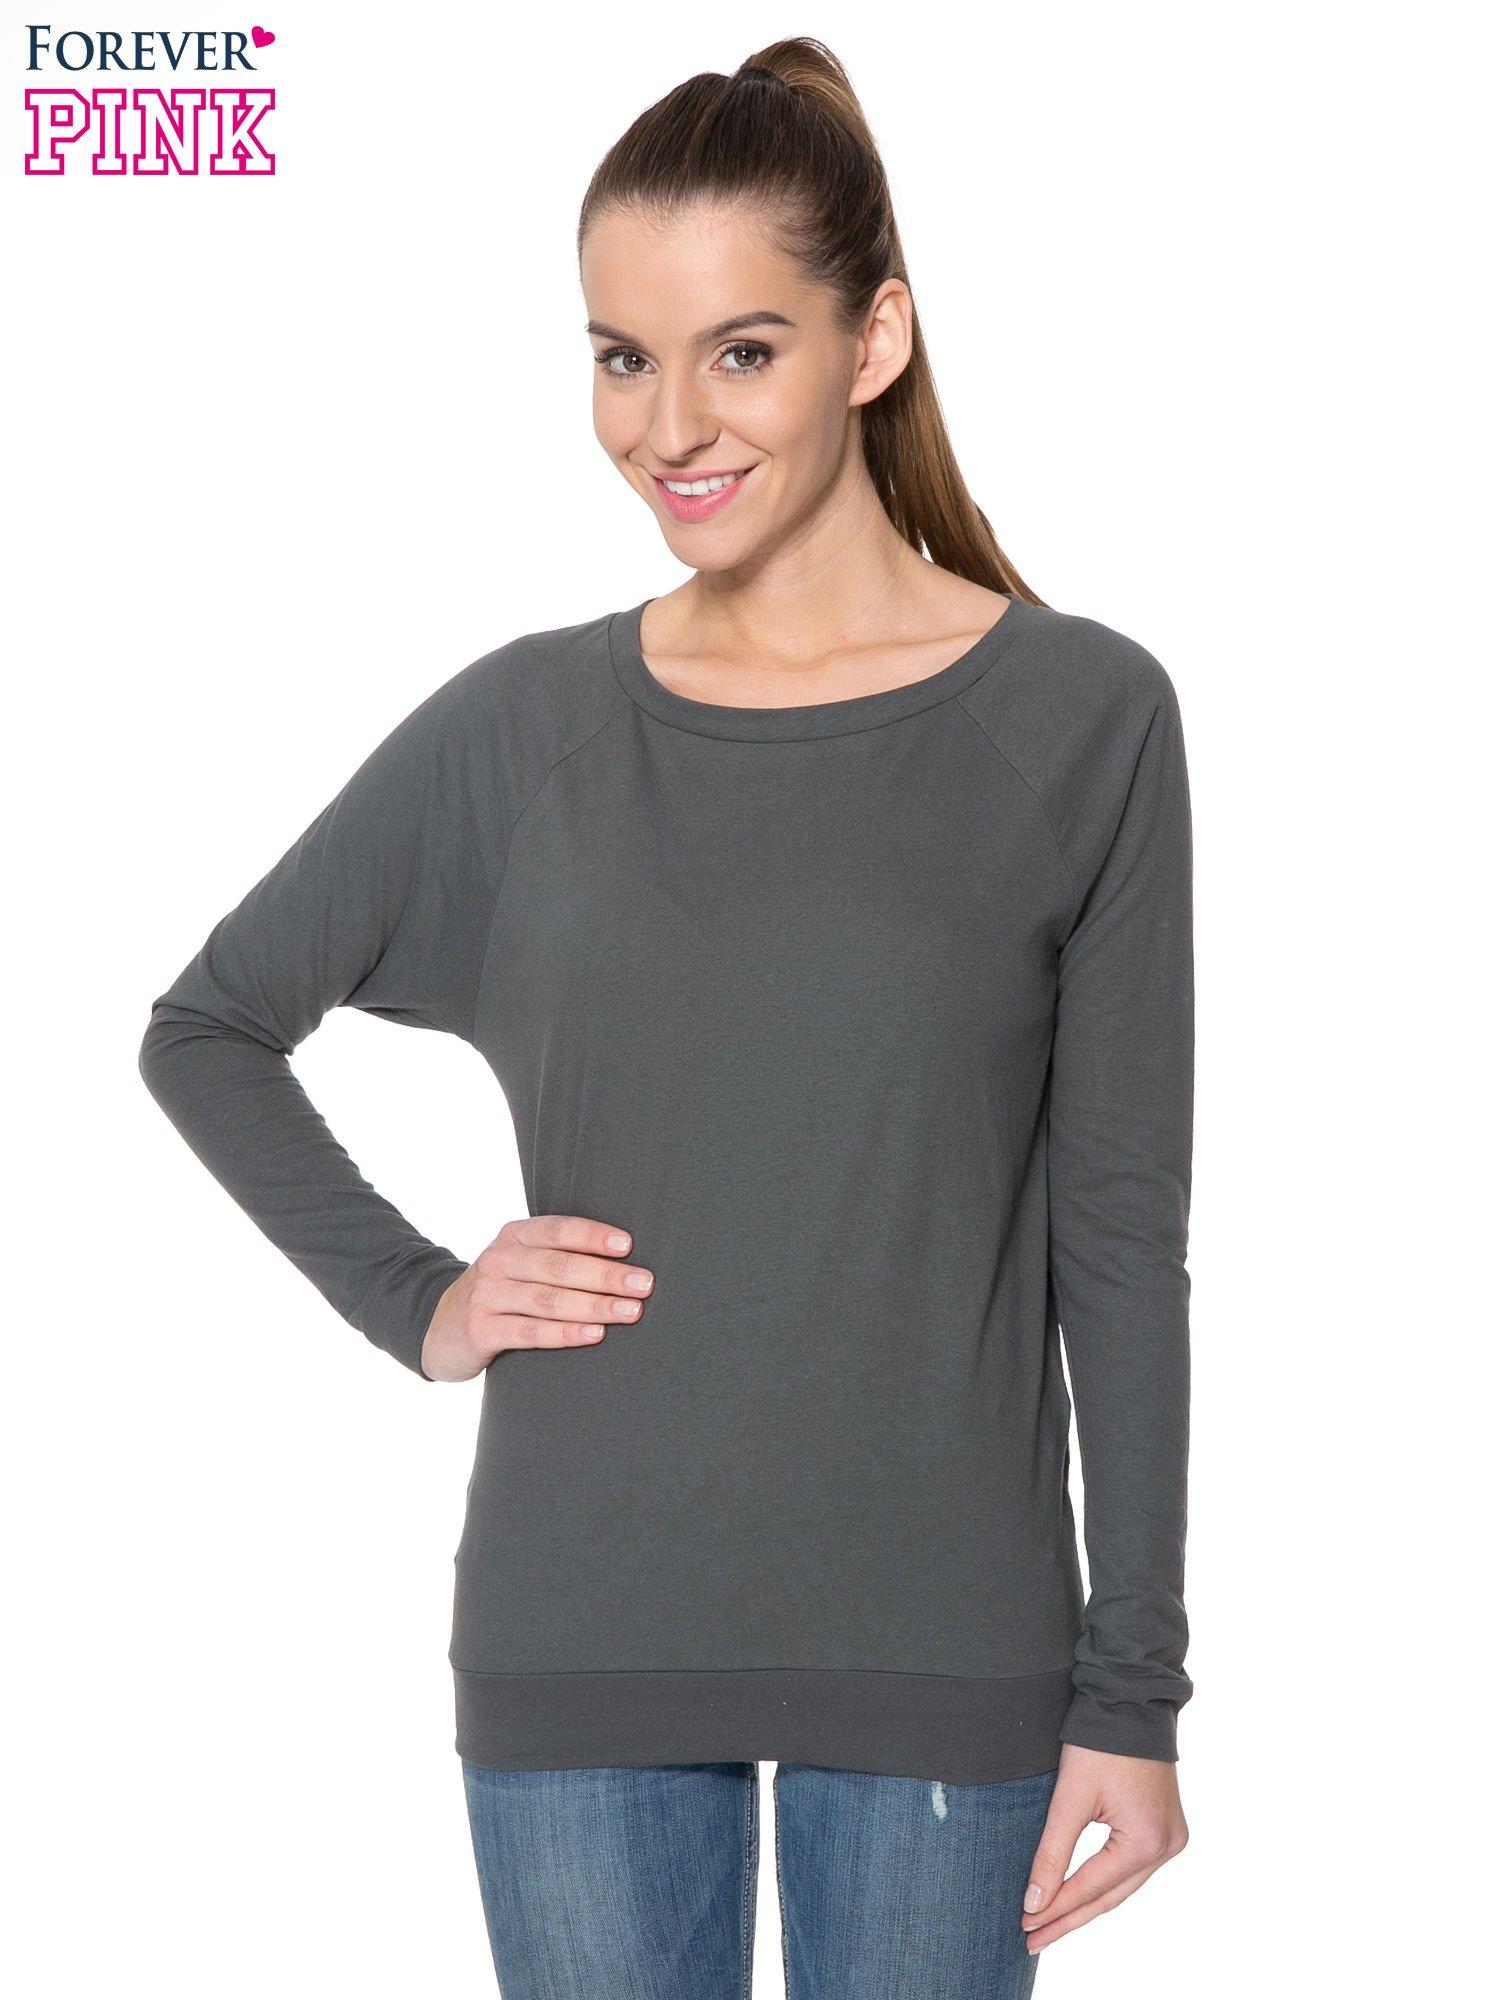 Ciemnoszara bawełniana bluzka z rękawami typu reglan                                  zdj.                                  1